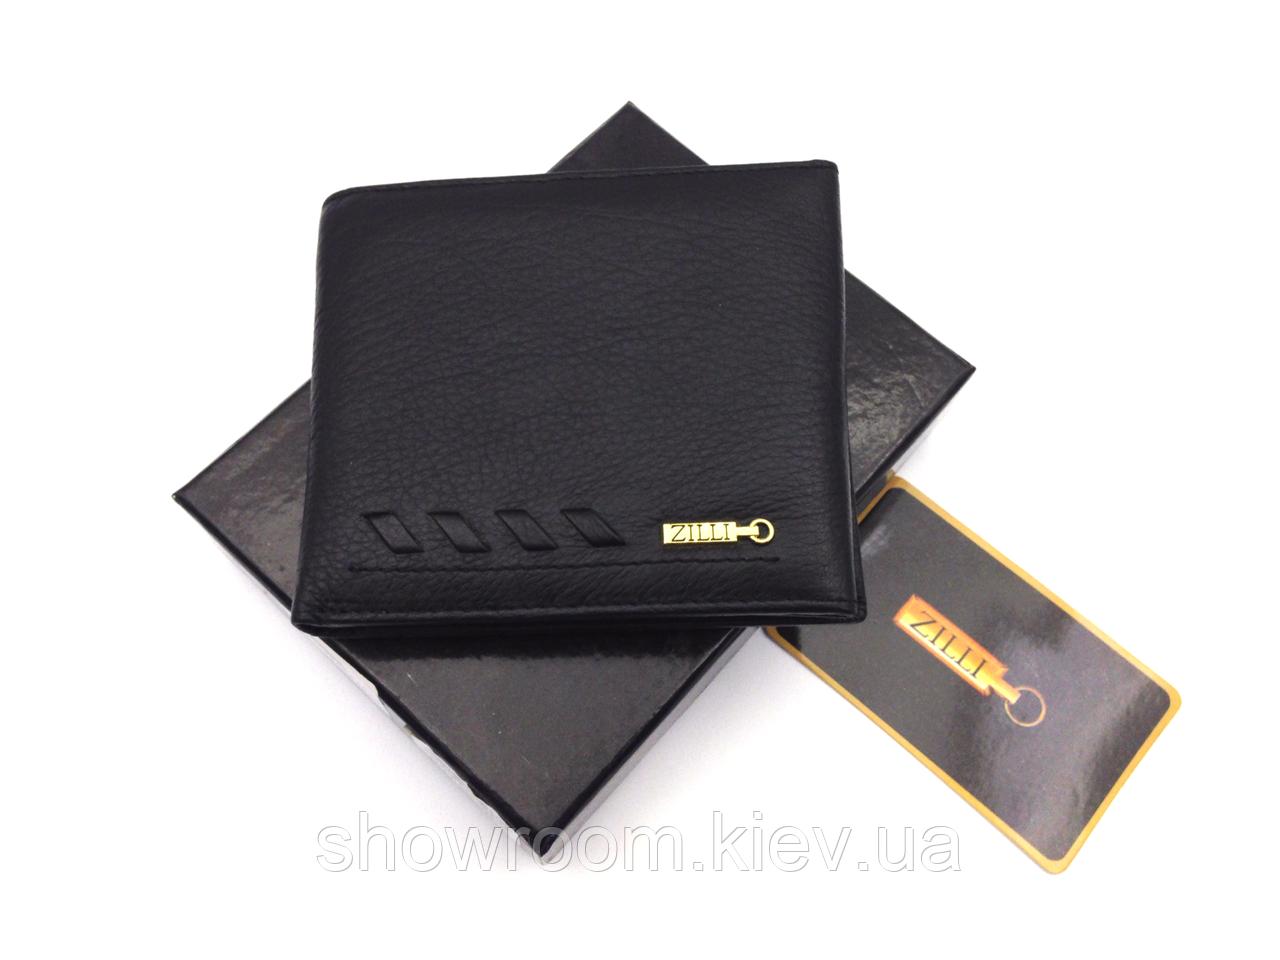 Мужское портмоне в стиле Zilli (305-043) leather black